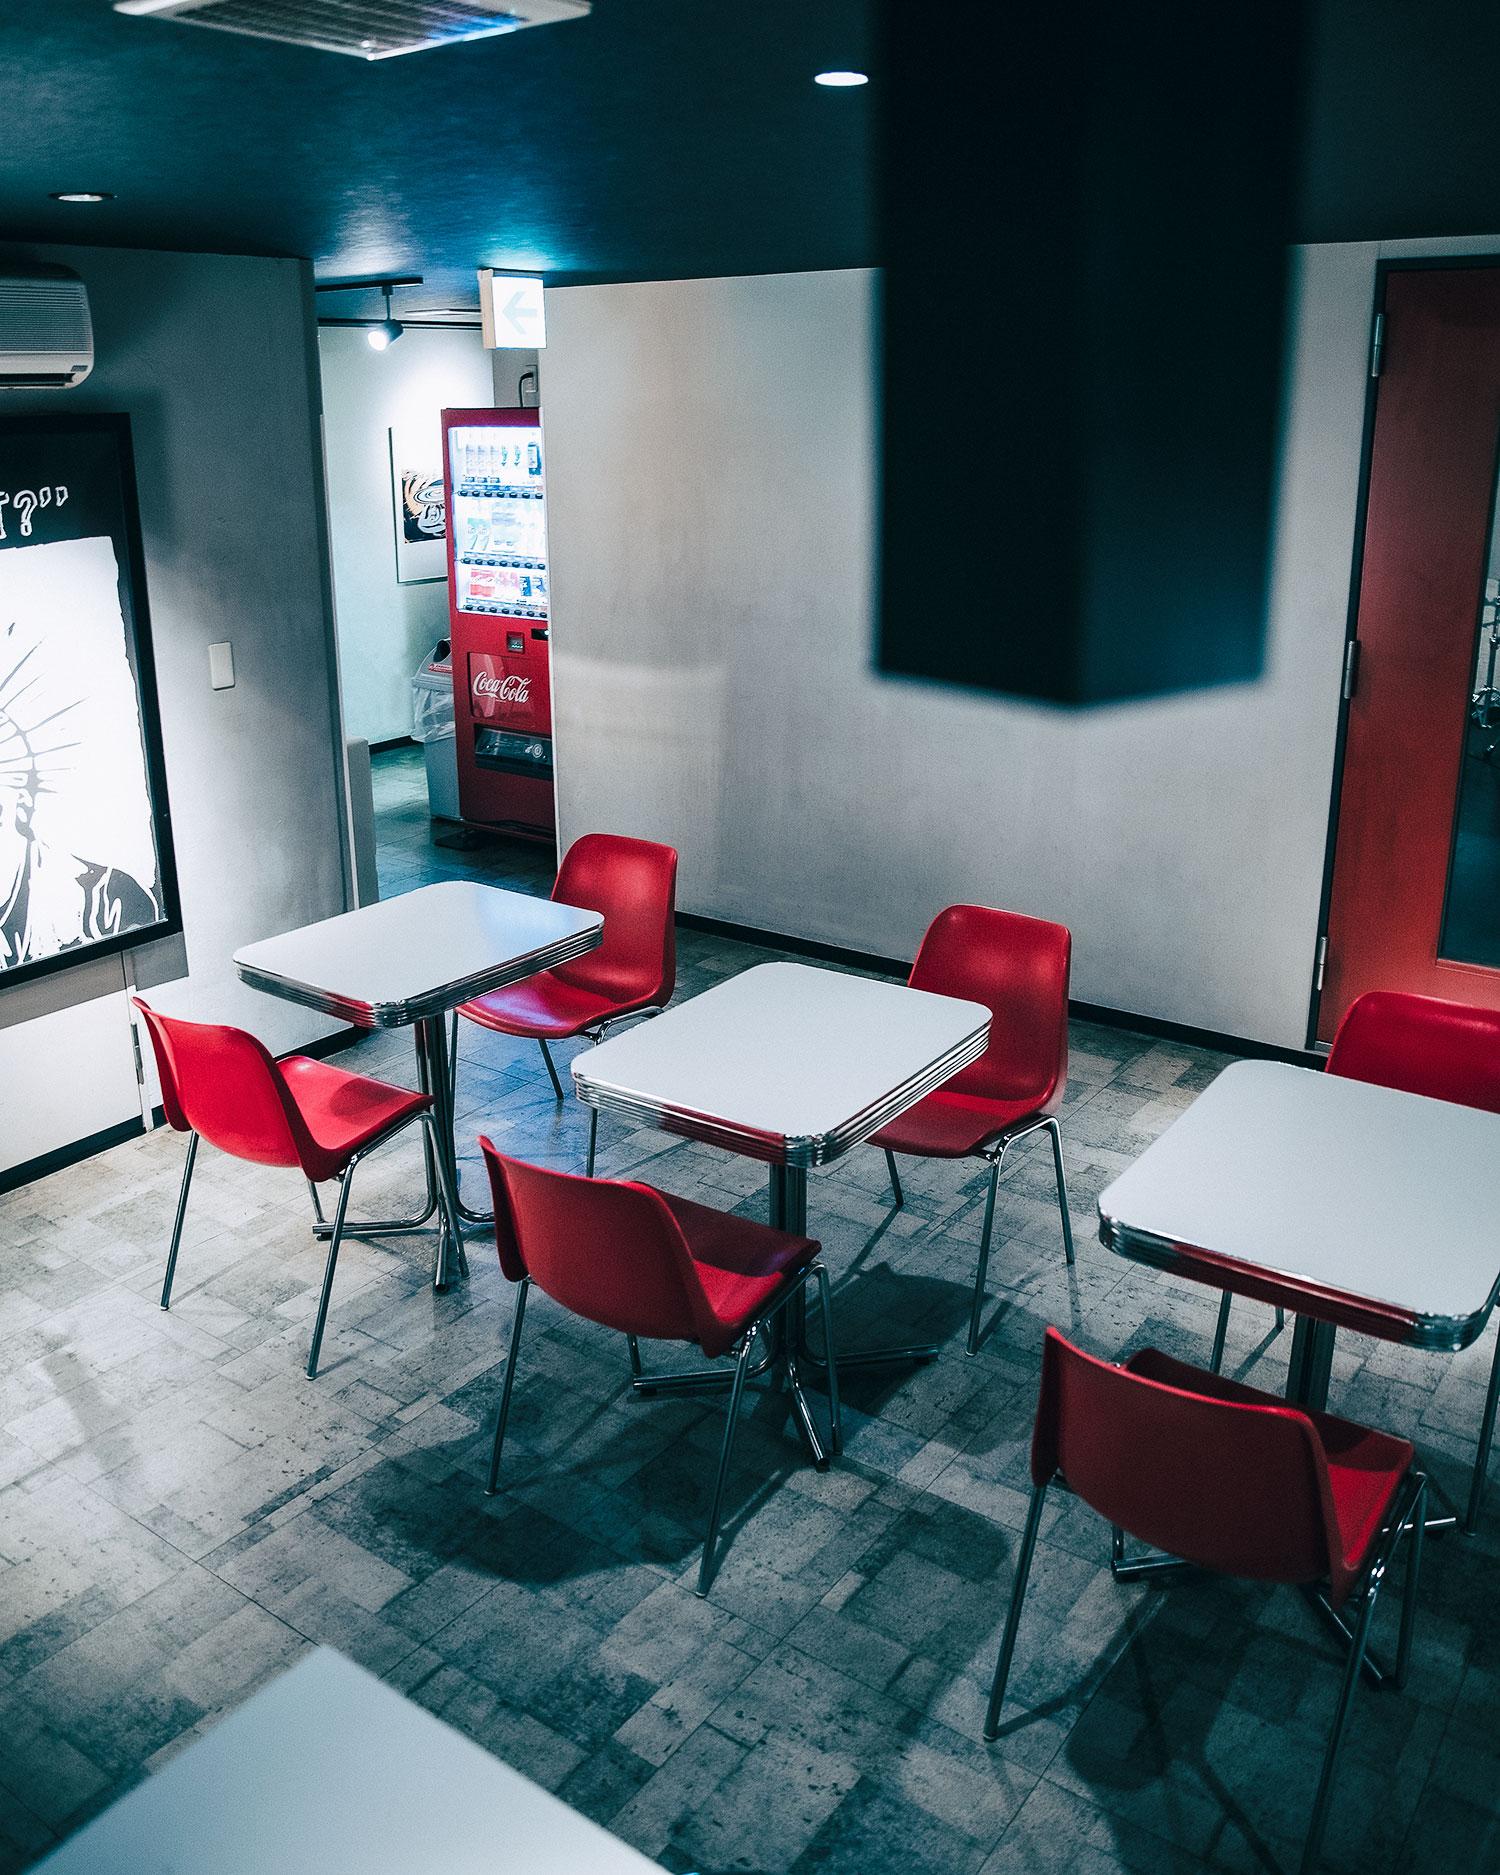 ゴンスタジオの静かなミーティングスペース。